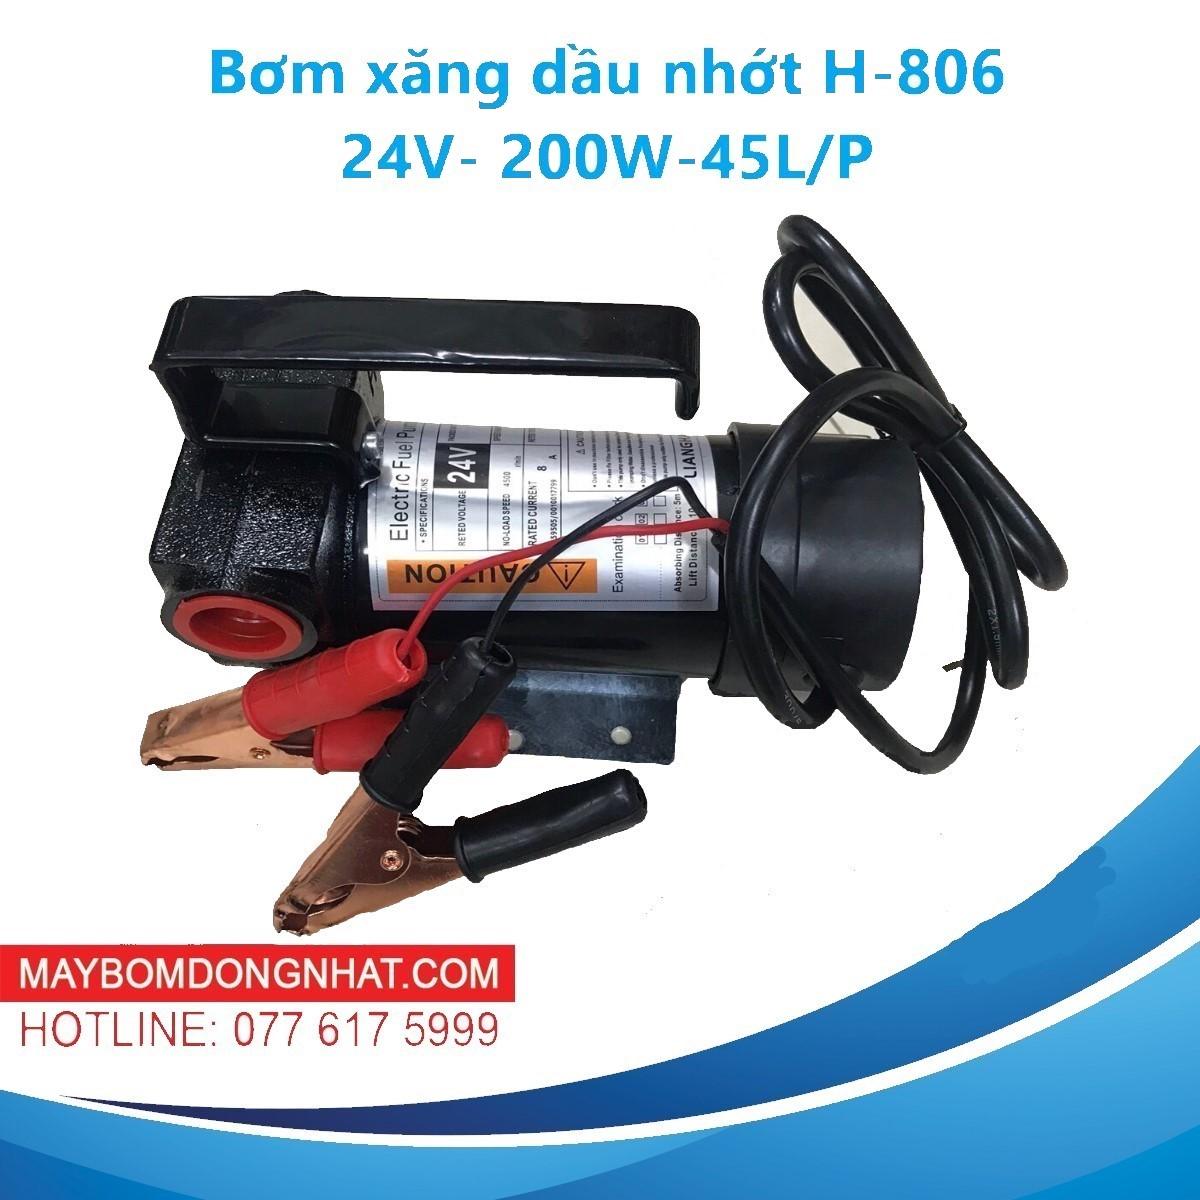 Máy bơm xăng dầu nhớt 24V- 200W-45L/P